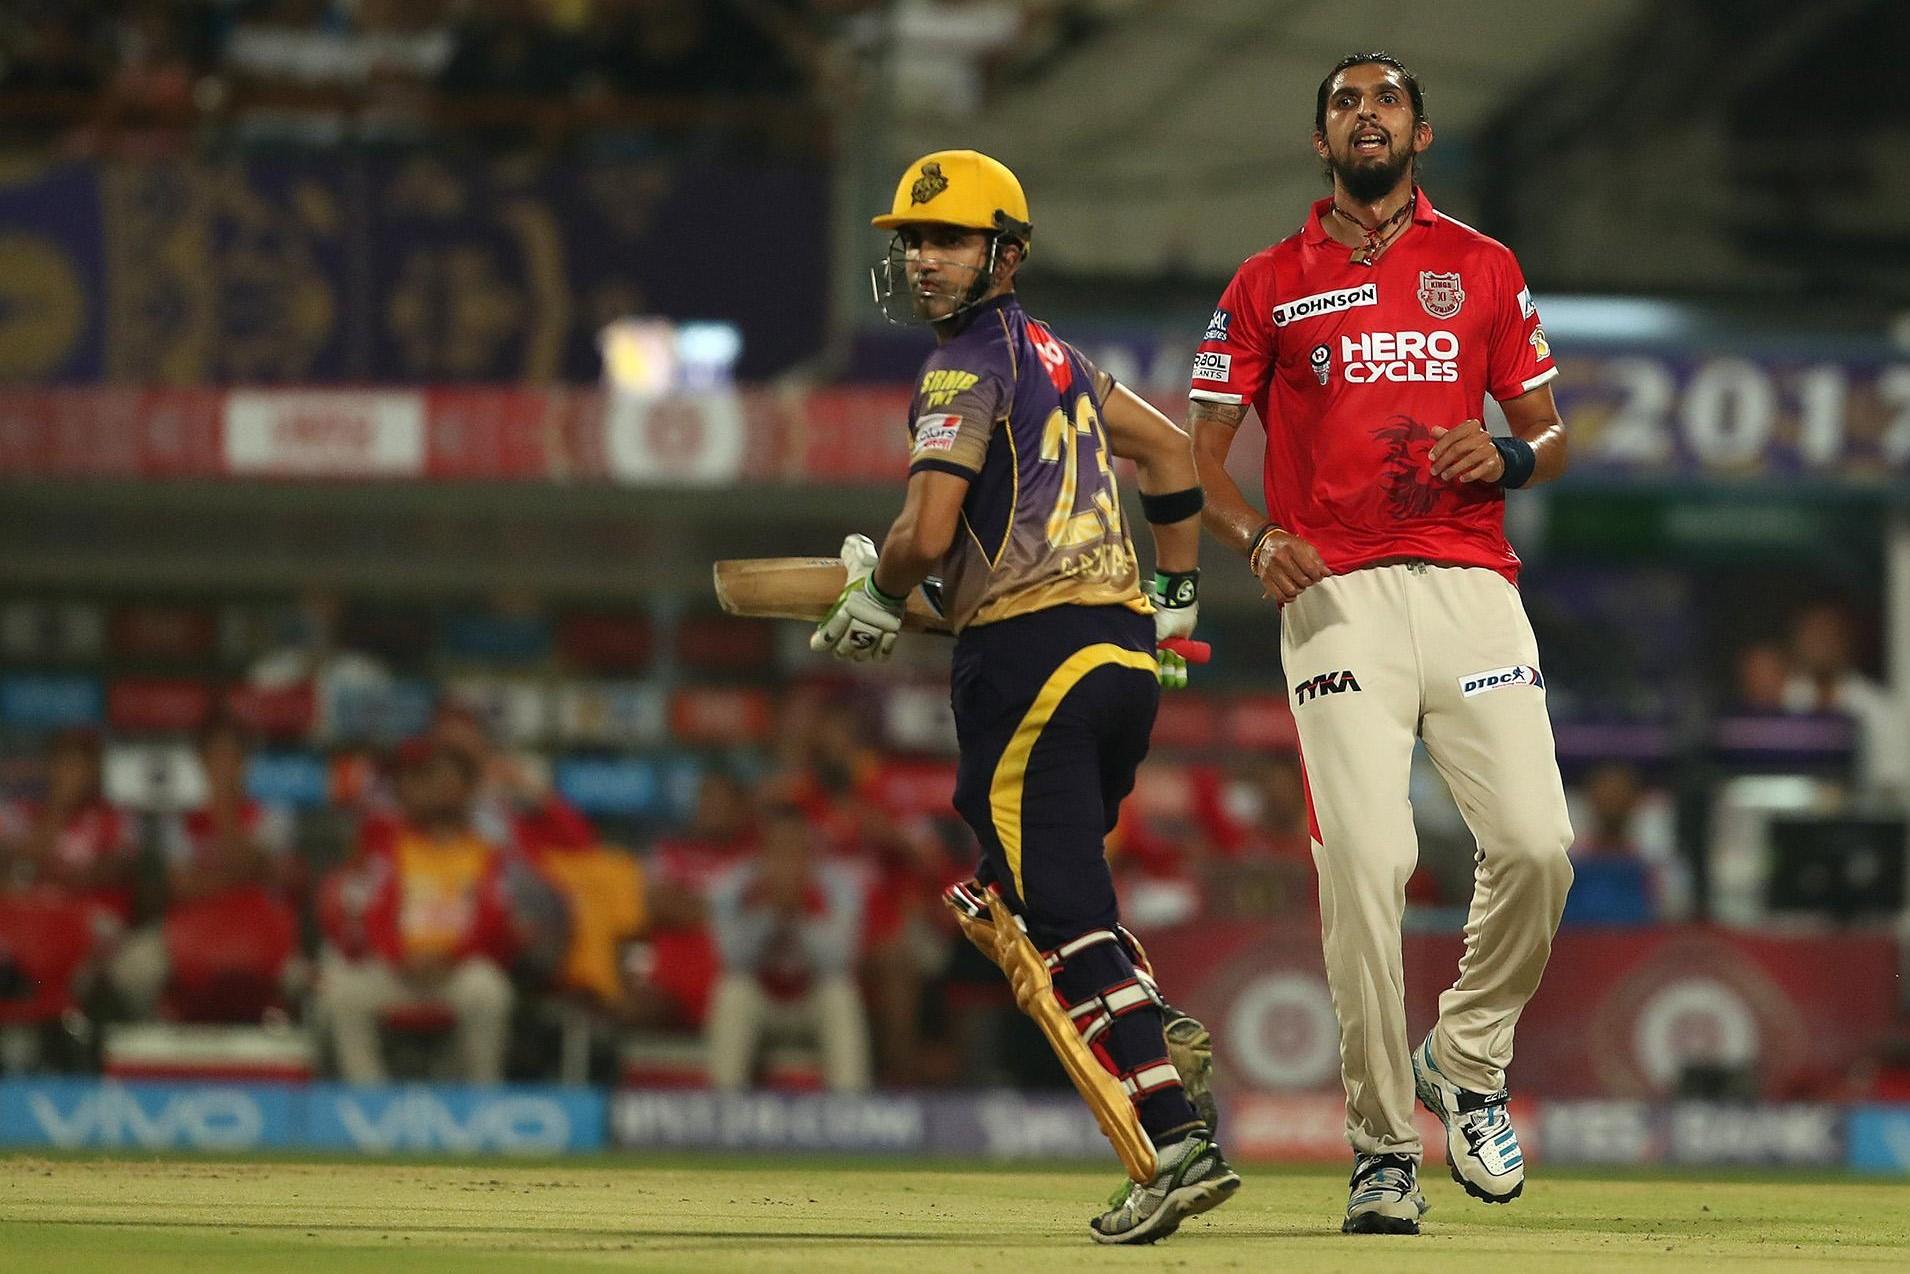 IPL10: KKR v KXIP: आईपीएल में धोनी के इस बड़े रिकॉर्ड के बेहद करीब पहुंचे गौतम गंभीर